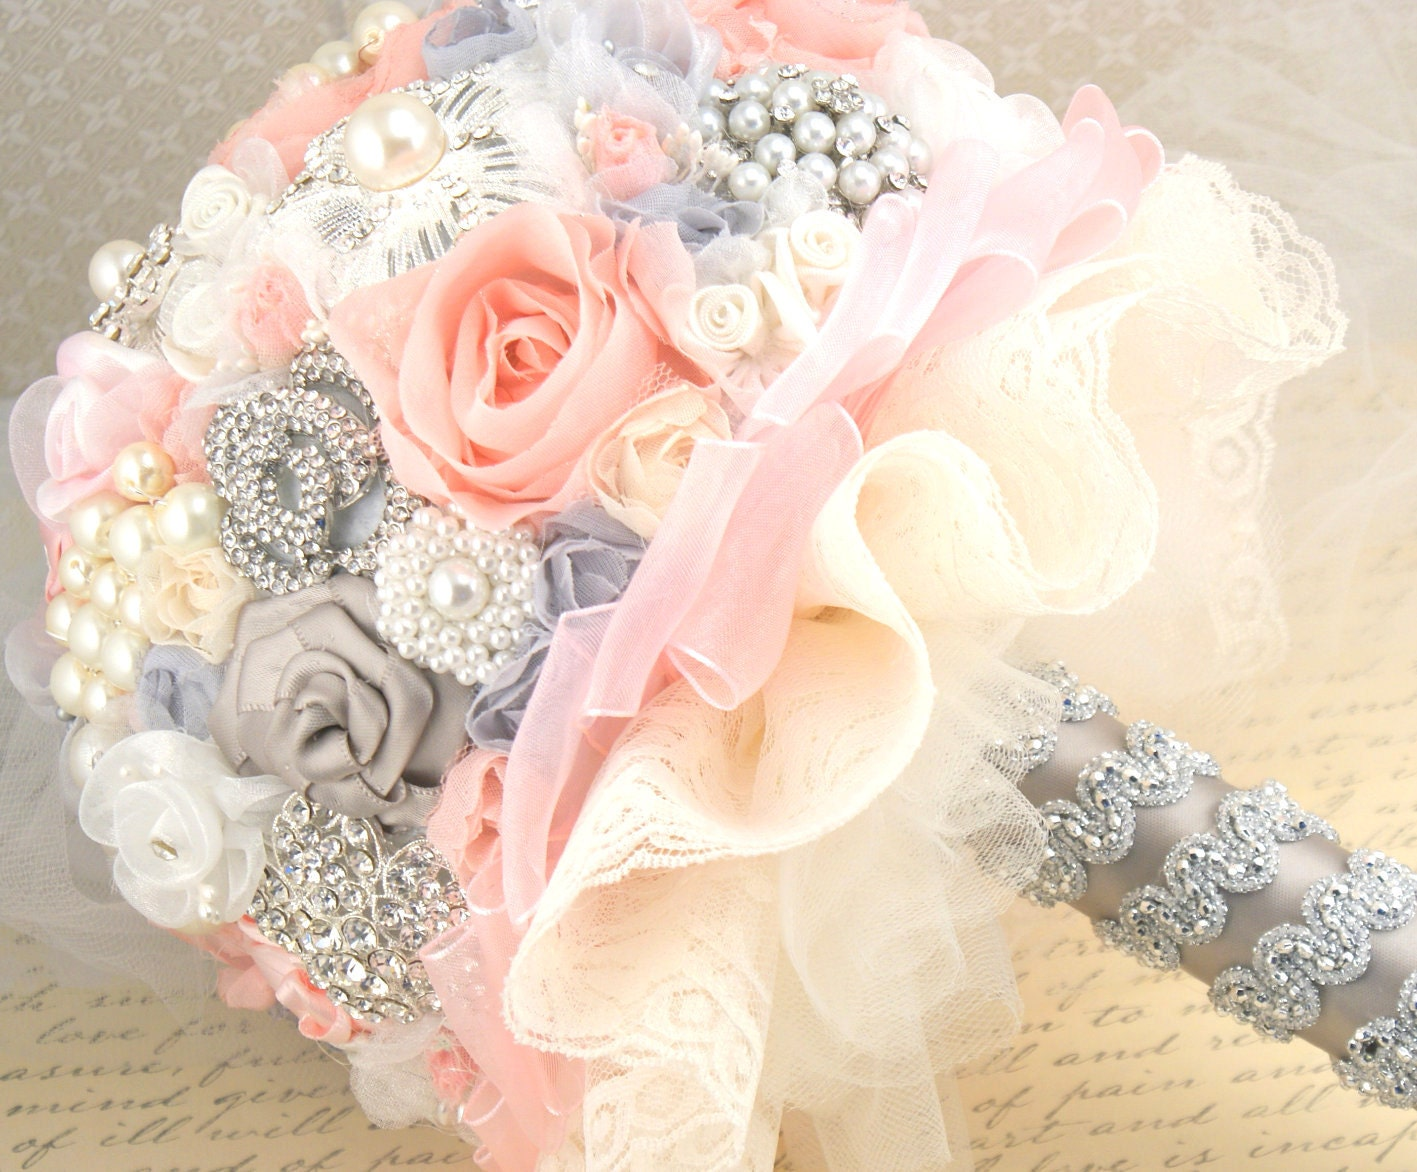 Брошь Букет Jeweled Свадебный букет Blush Pink, серый и слоновая кость-Blush принцессы